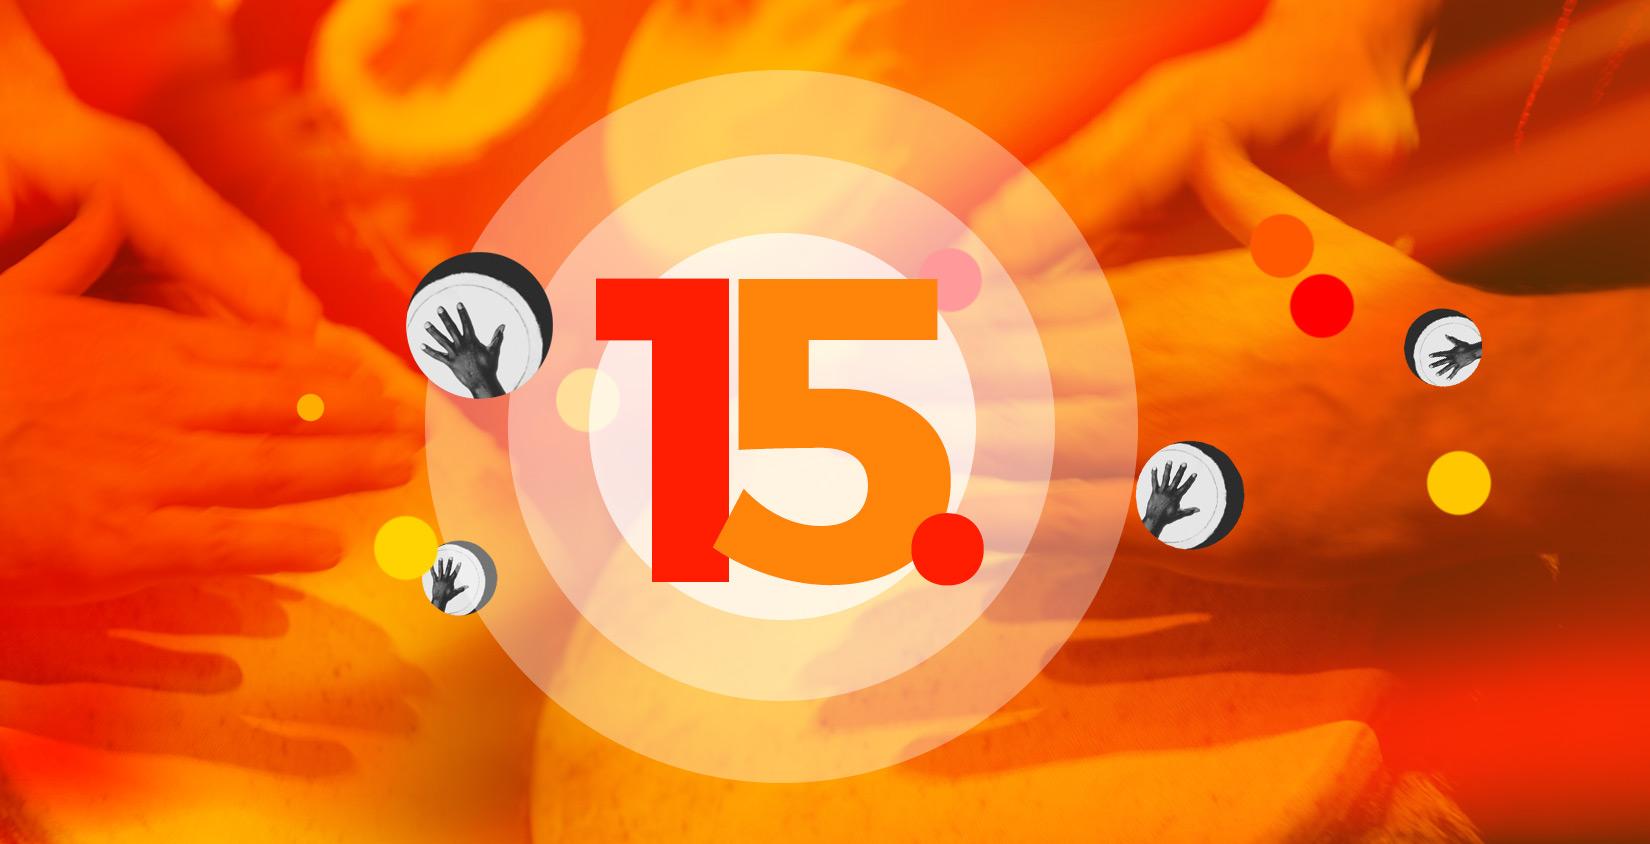 Wir starten ins 15. Jahr!